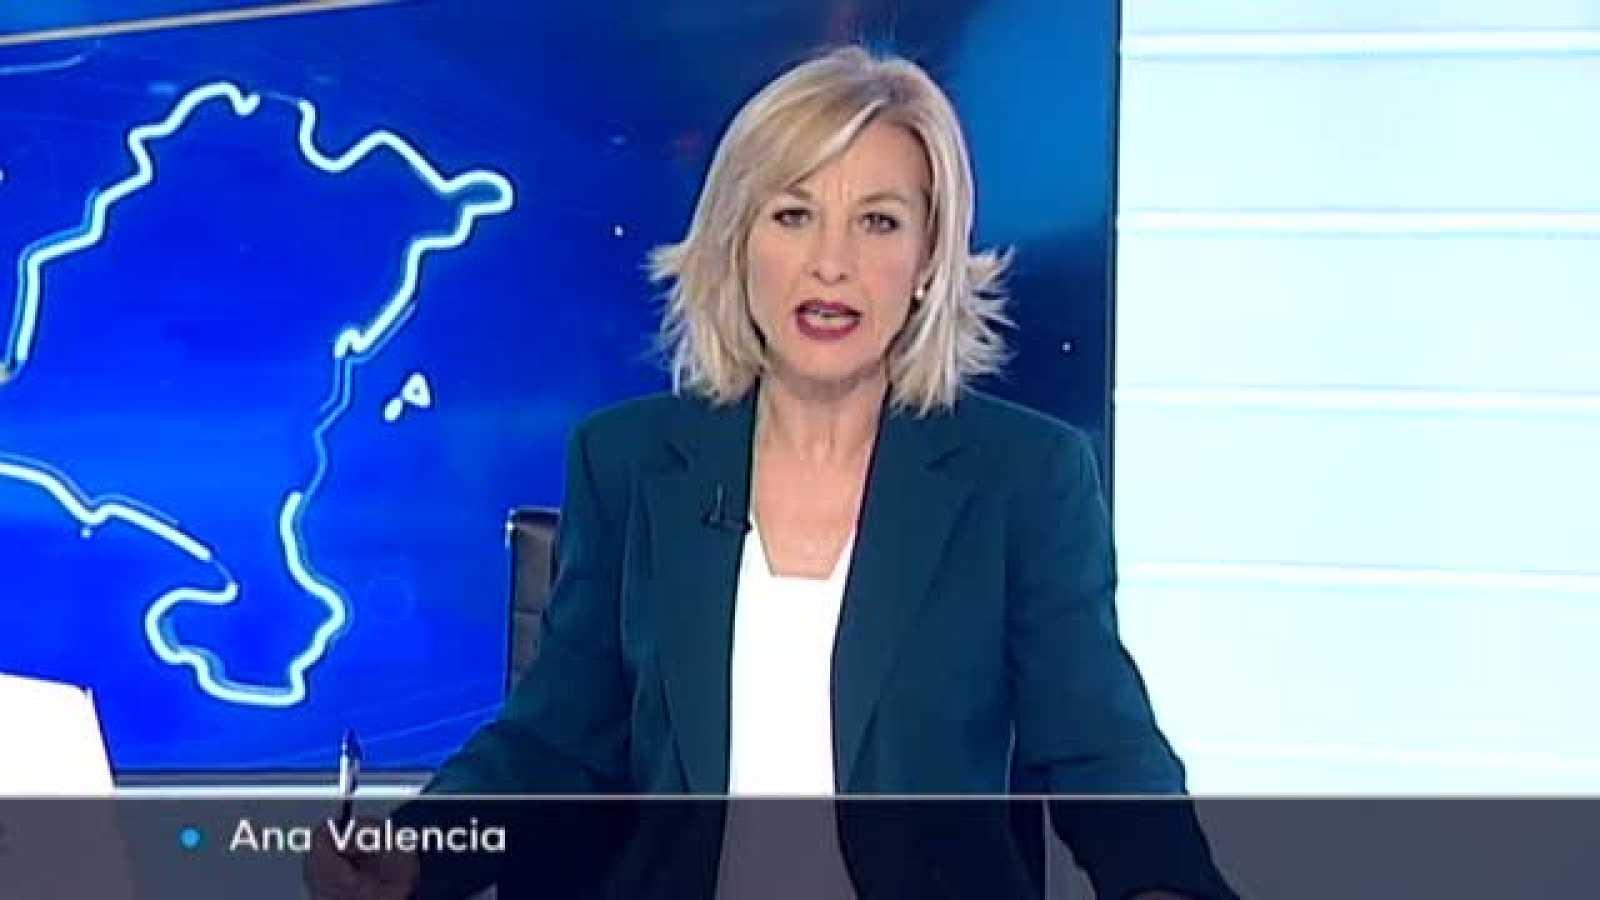 Telenavarra -  4/5/2021